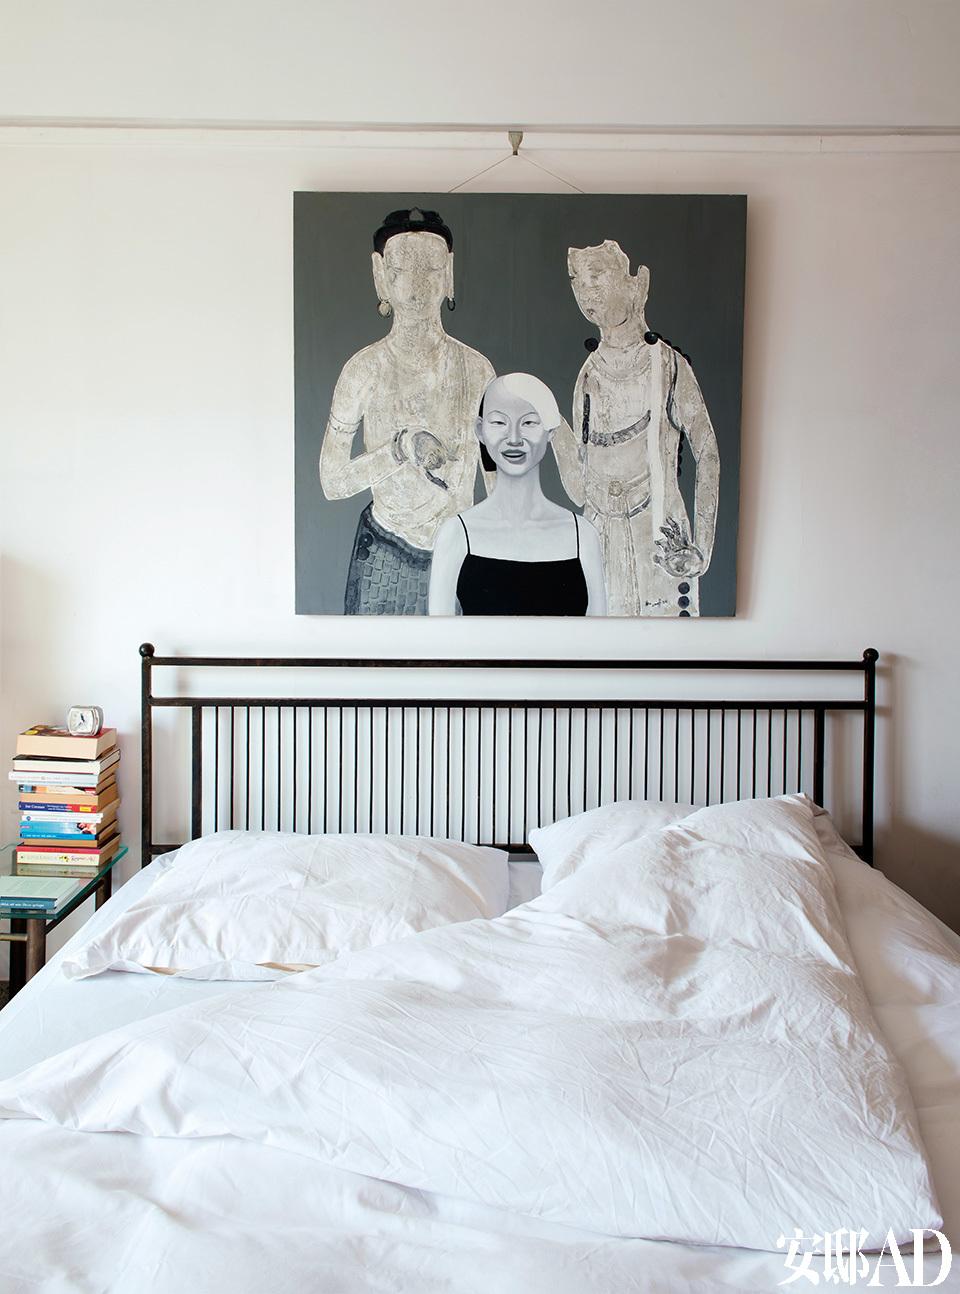 """主卧室中的油画来自肖红,岳夫人当时看到画中的三个人物,一下子就联想到了著名的""""宋氏三姐妹"""",于是便买下它。""""中间那位时髦的小姐就像我心中的宋美龄啊!""""岳夫人说道。铁质床以及旁边的铁质床头柜,都是由岳夫人自己设计,请铁艺家具制作师王志海打造的。肖红创作的油画,成了岳夫人心中的""""宋氏三姐妹"""",与她自己设计的复古铁床在色调上完美契合。"""